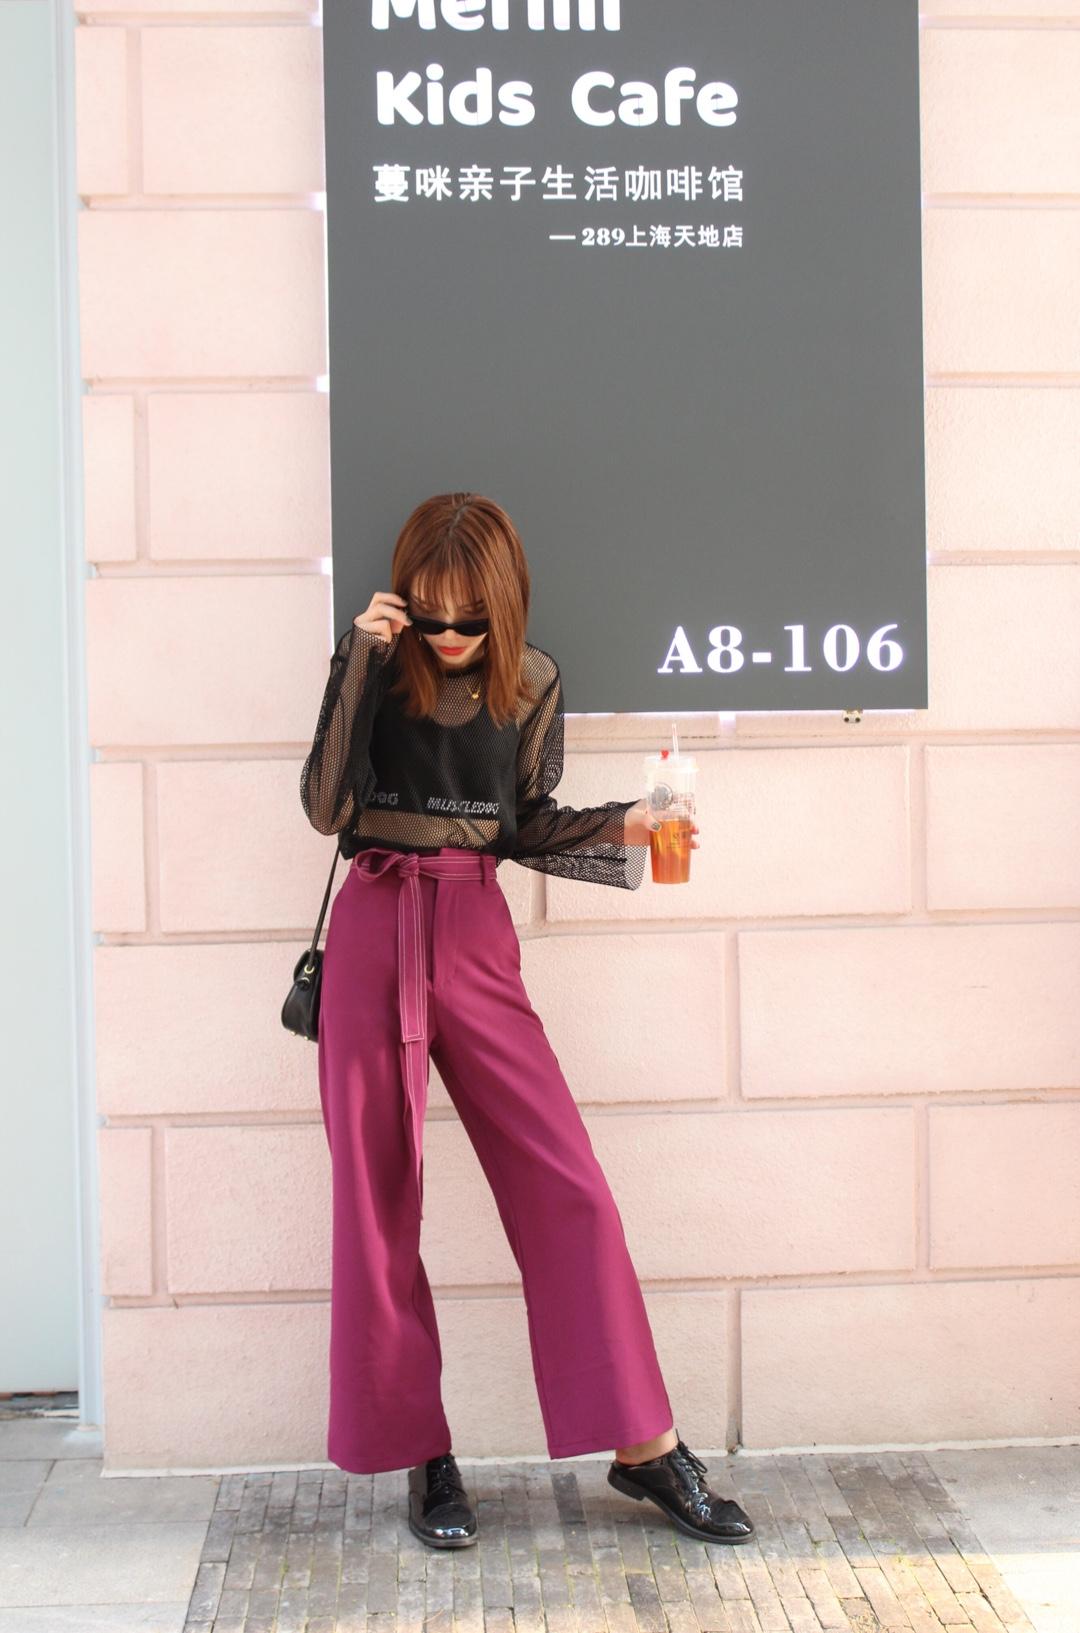 """Jade今日穿搭/休闲混搭风~~~ 这套真的超级爱!!! 这件上衣买了很久,可是今天终于找到裤子能配得上它了。西装阔腿裤🕺➕运动美背内衣➕网纱防晒衣 背上单肩包穿上小皮鞋,这身穿搭有没有惊艳到你。记得点赞哦#""""衫衫""""来临,春天必须得有它!#"""